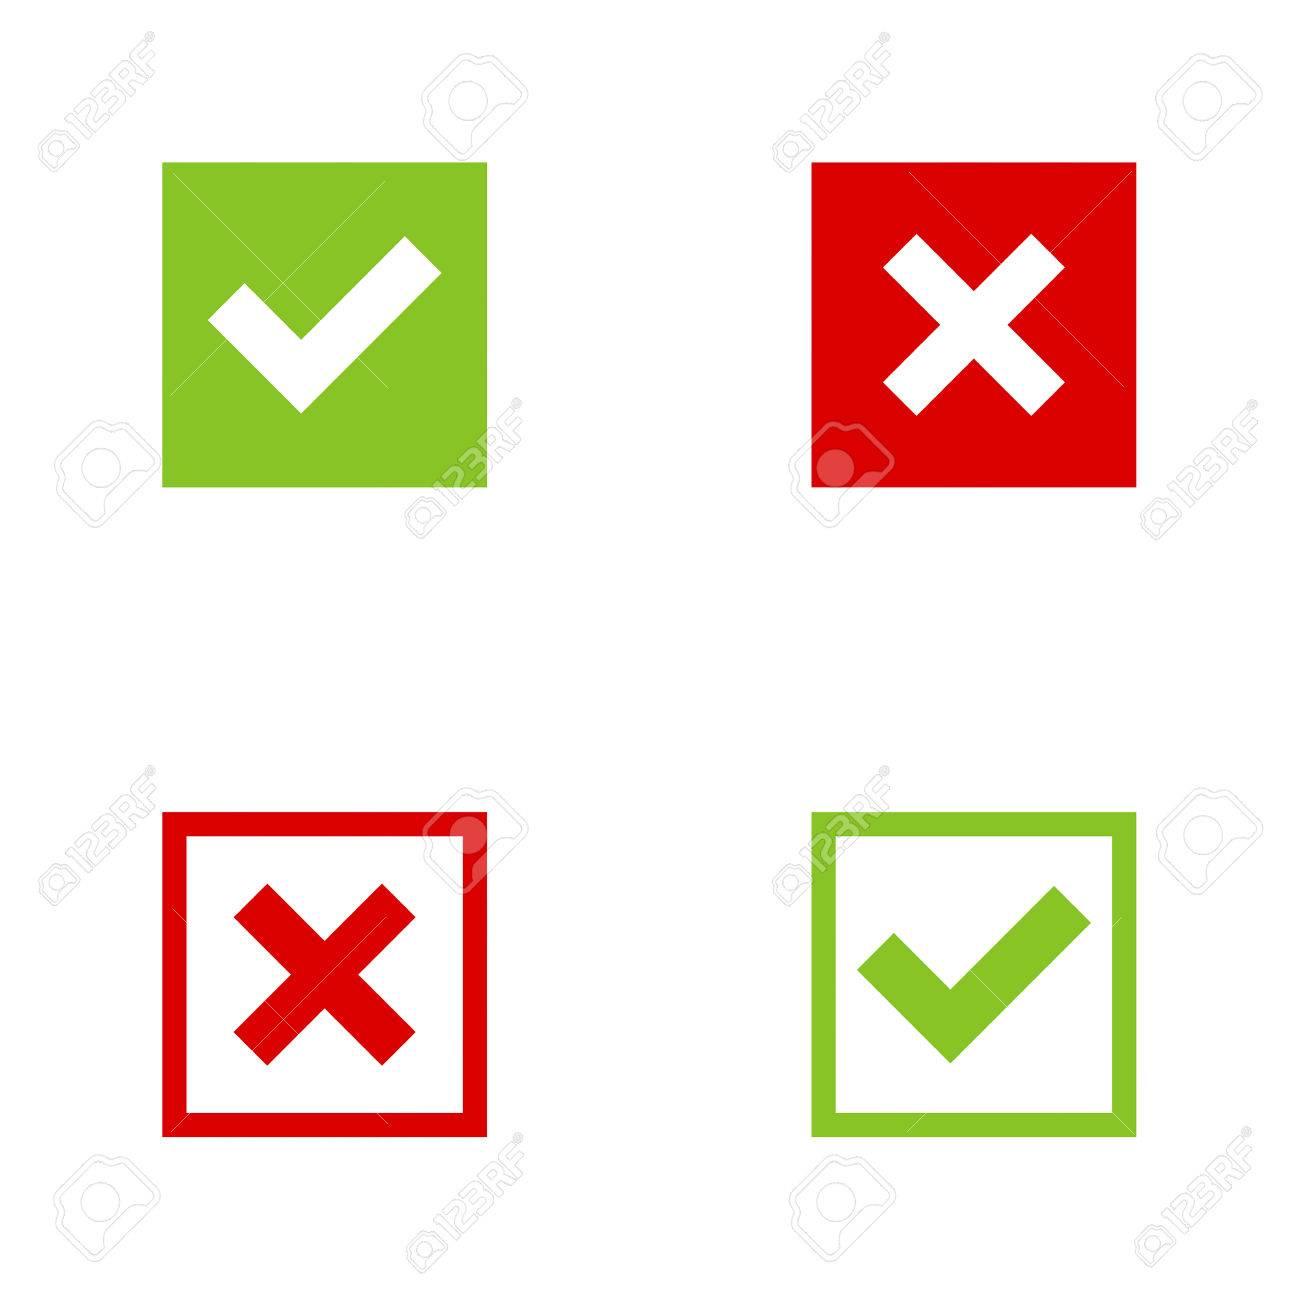 check box - Monza berglauf-verband com